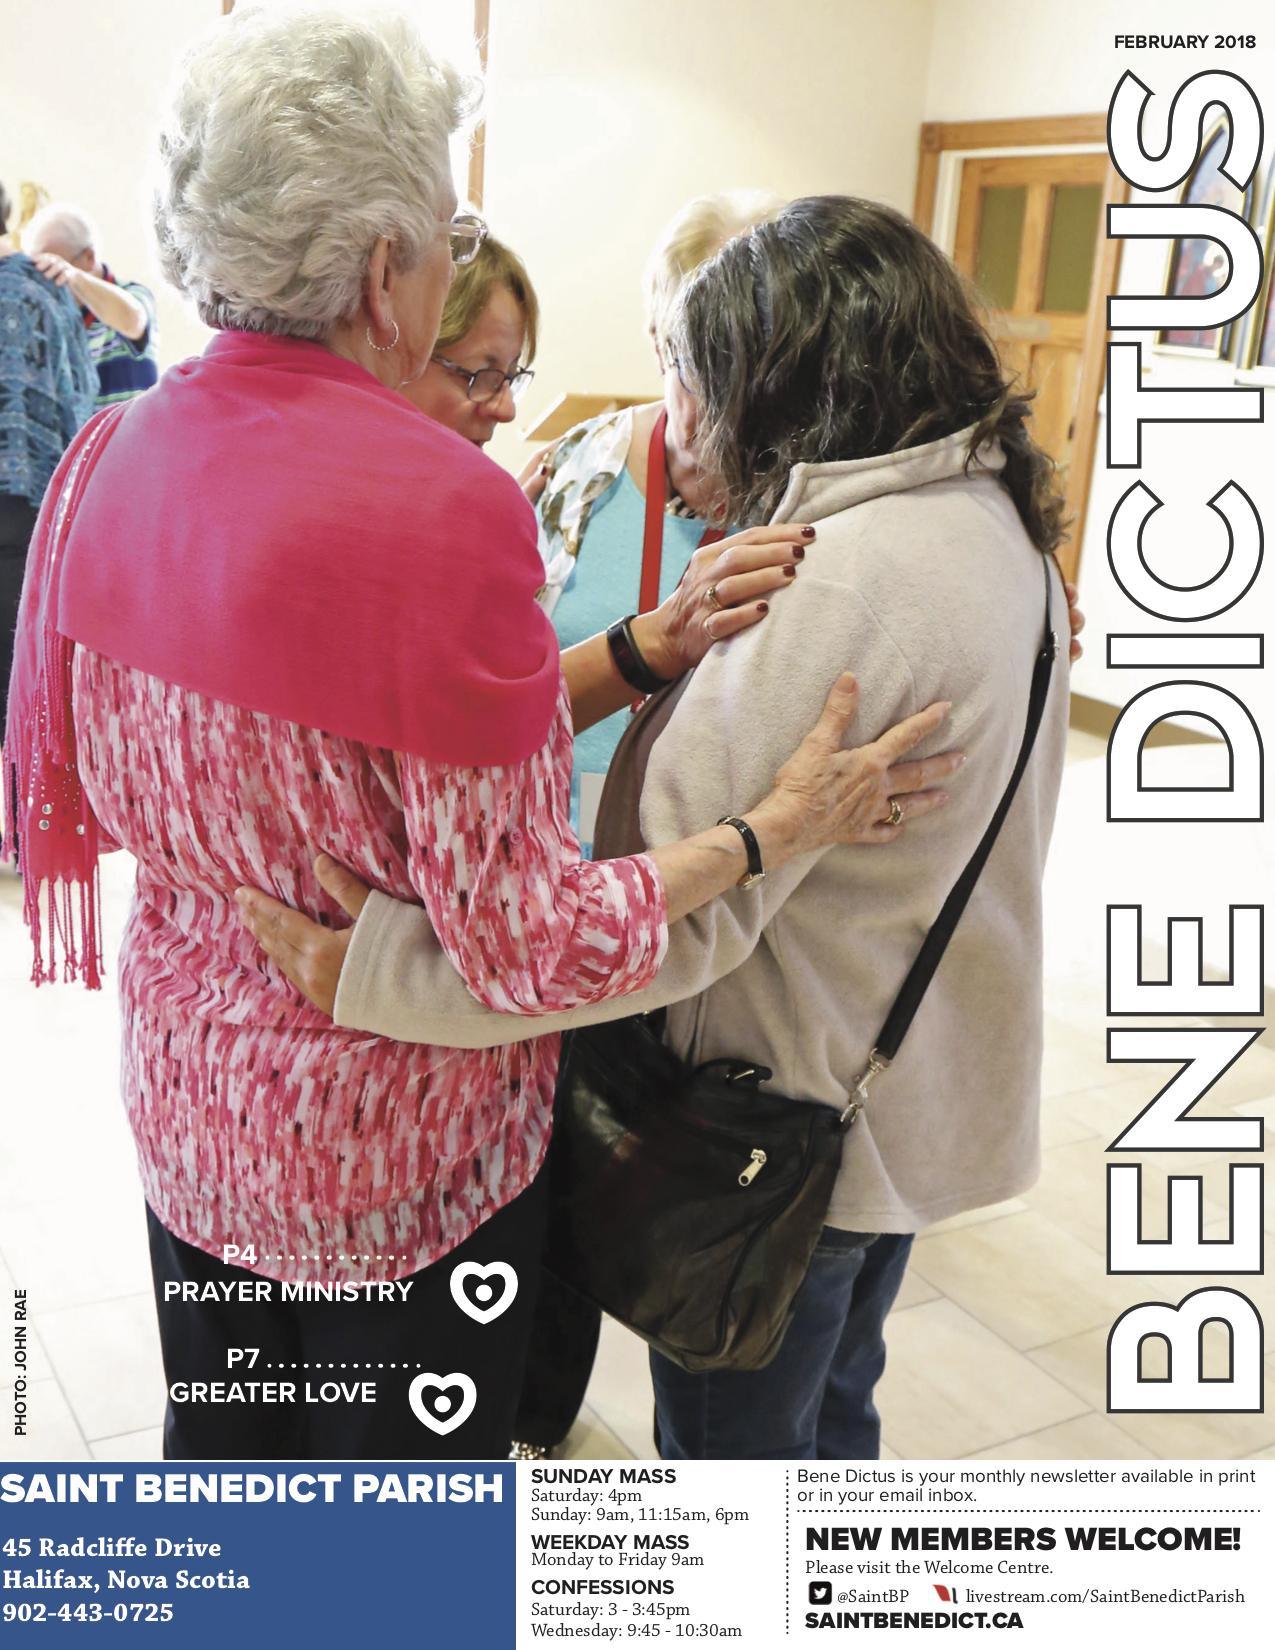 31 - BDFeb2018 - For Web COVER.jpg